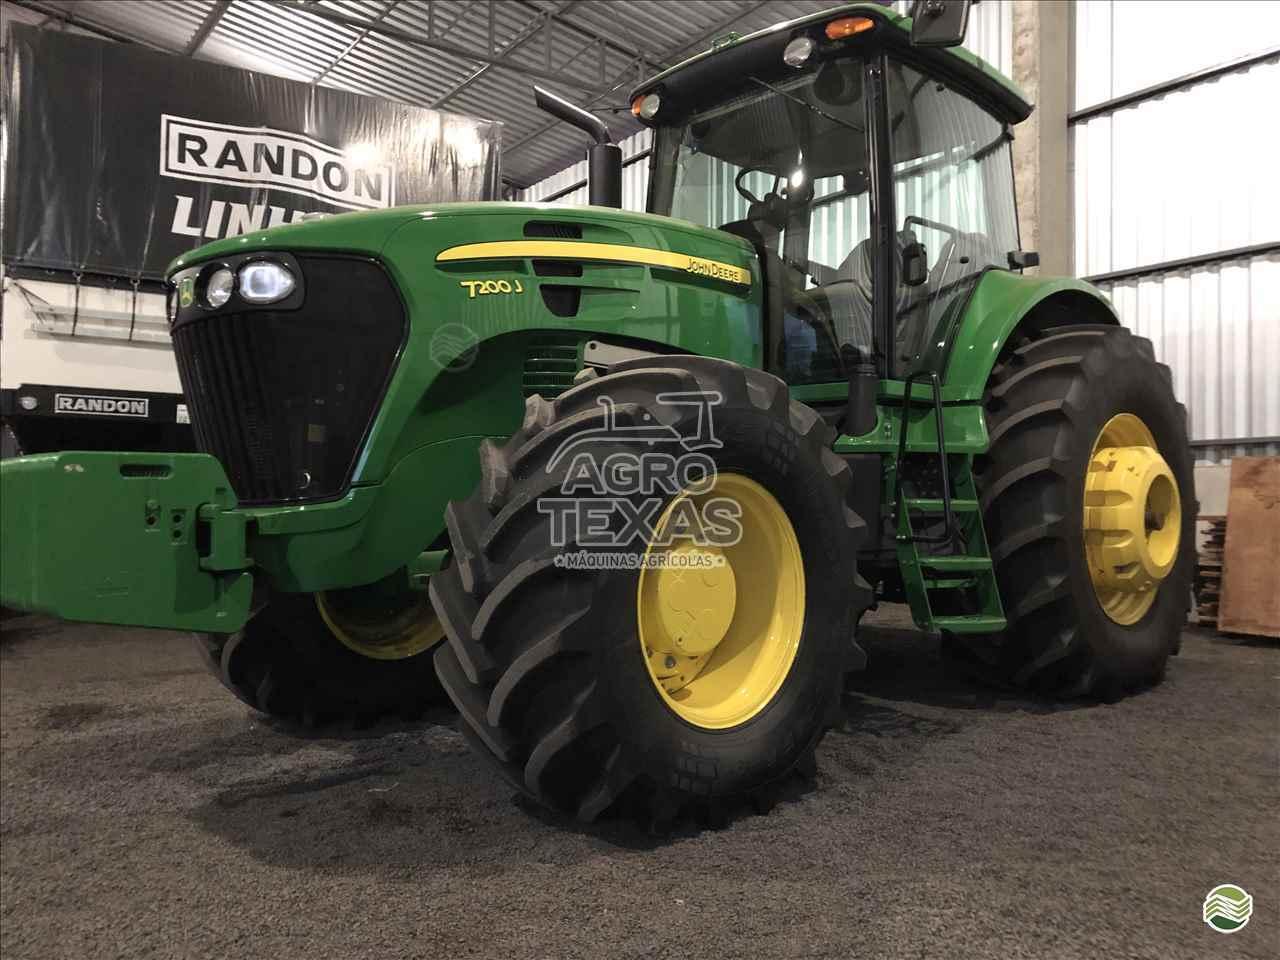 TRATOR JOHN DEERE JOHN DEERE 7200 Tração 4x4 Agro Texas Máquinas Agrícolas VITORINO PARANÁ PR